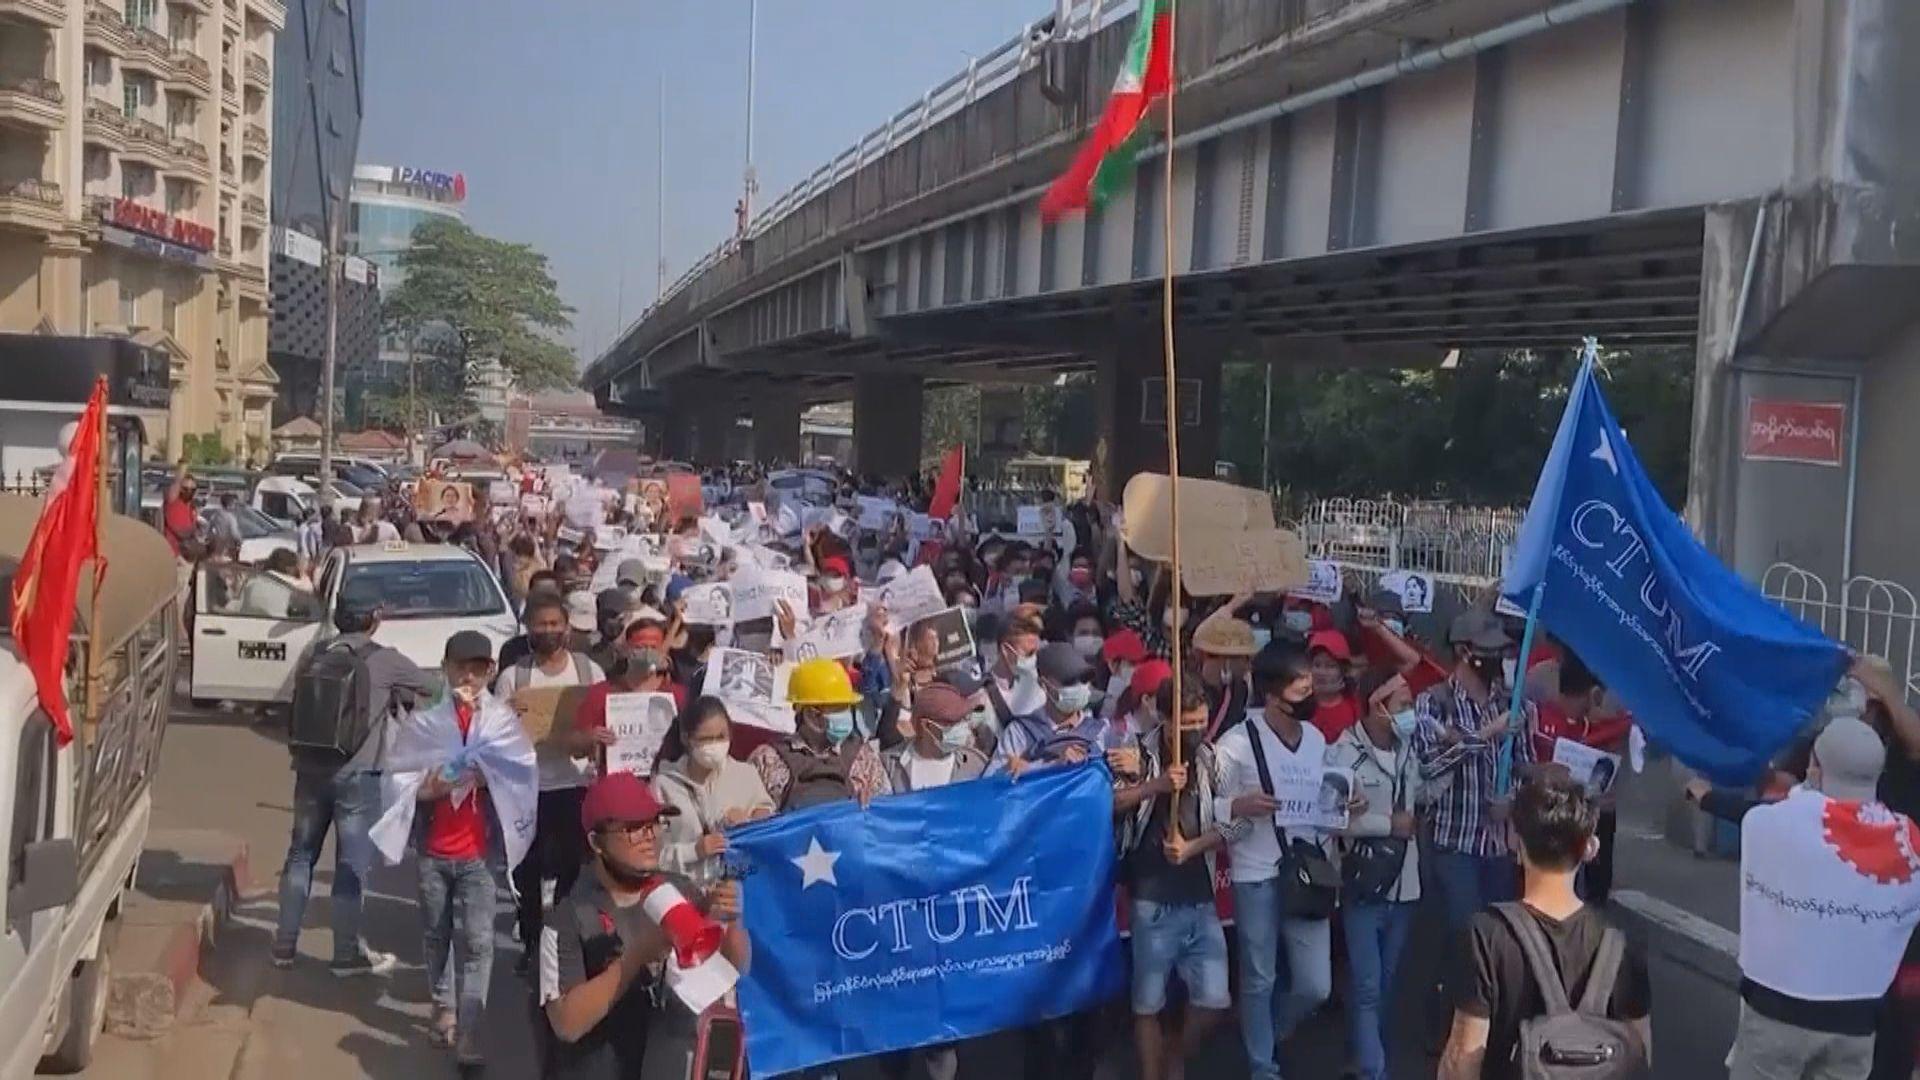 緬甸民眾繼續上街抗議 官媒指有警察在清場時受傷